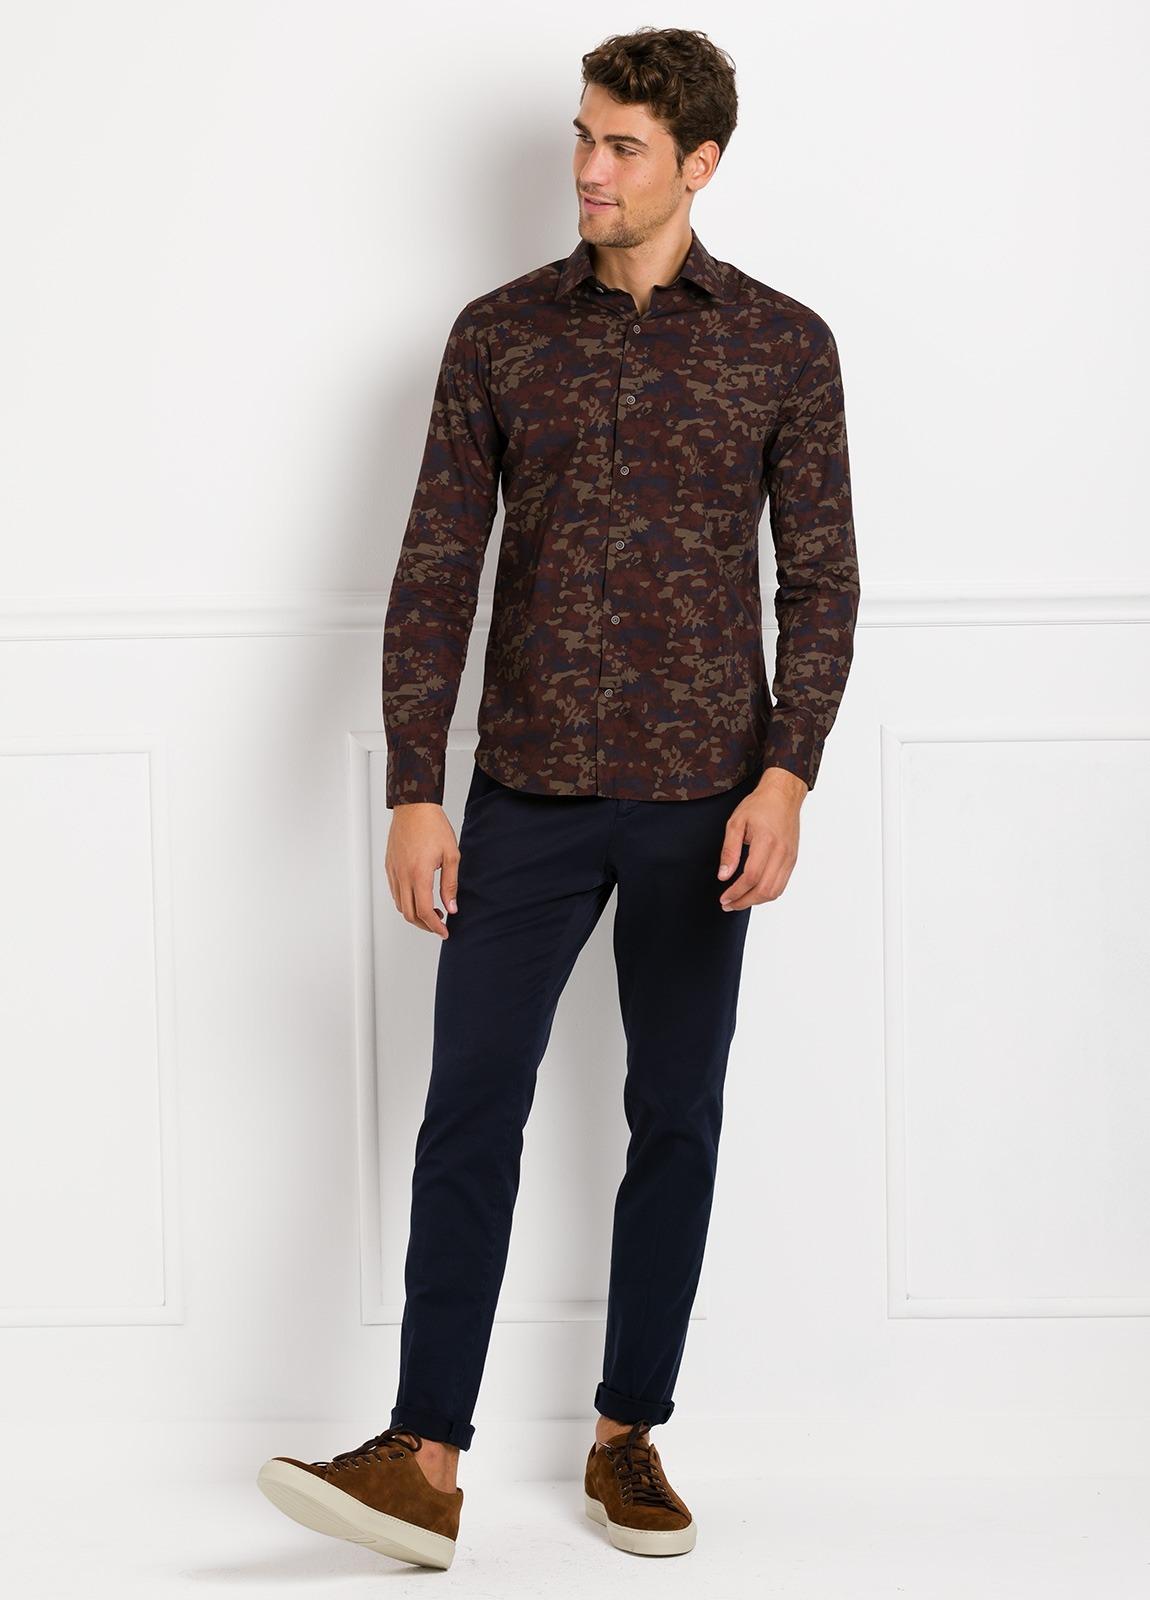 Camisa Leisure Wear SLIM FIT modelo PORTO estampado camuflaje color marrón. 100% Algodón.